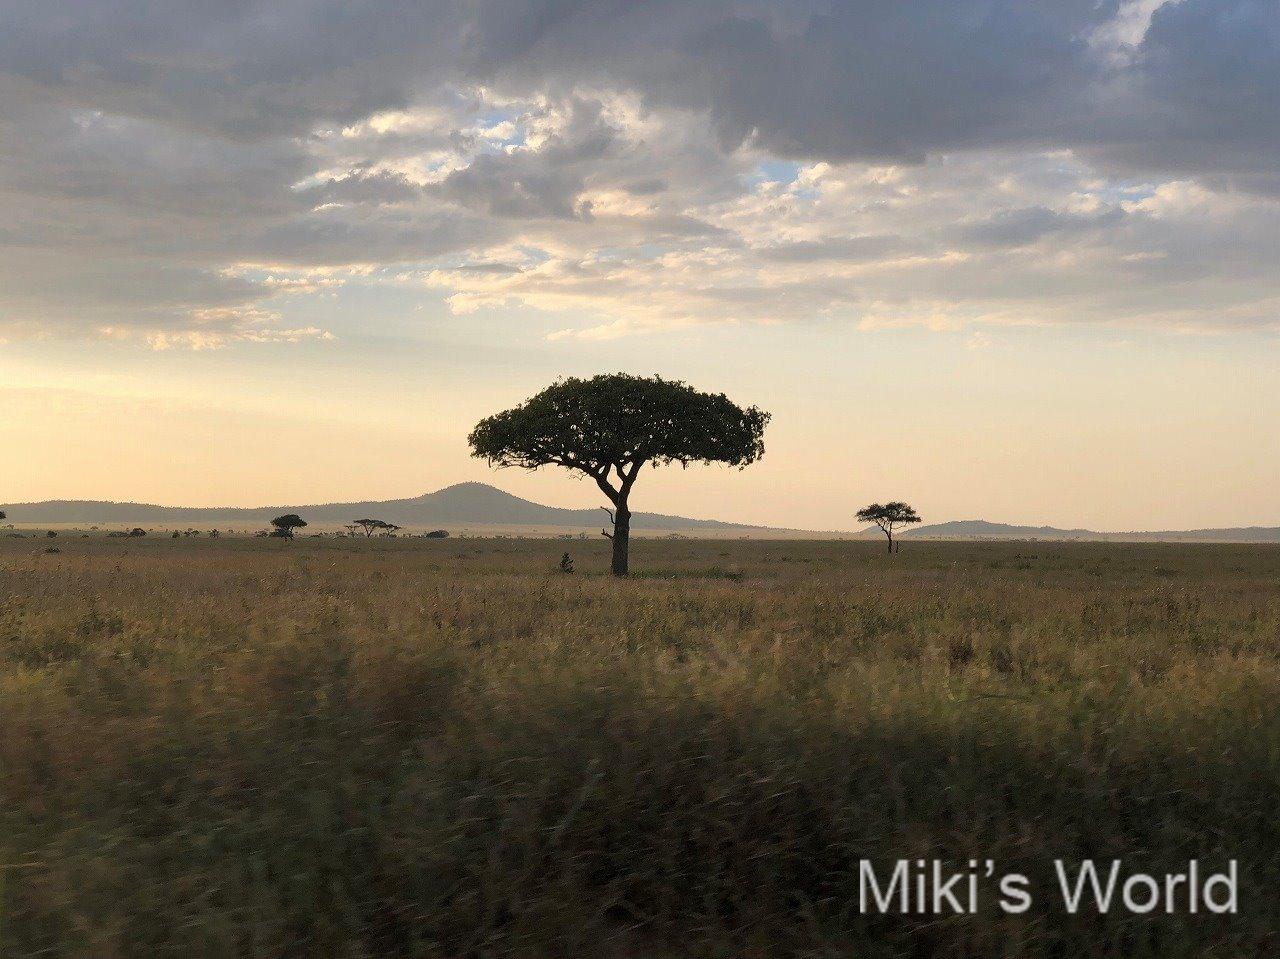 東アフリカ・タンザニア(East Africa, Tanzania) サファリ(safari) 2019年好きな風景 iPhoneX撮影 その2